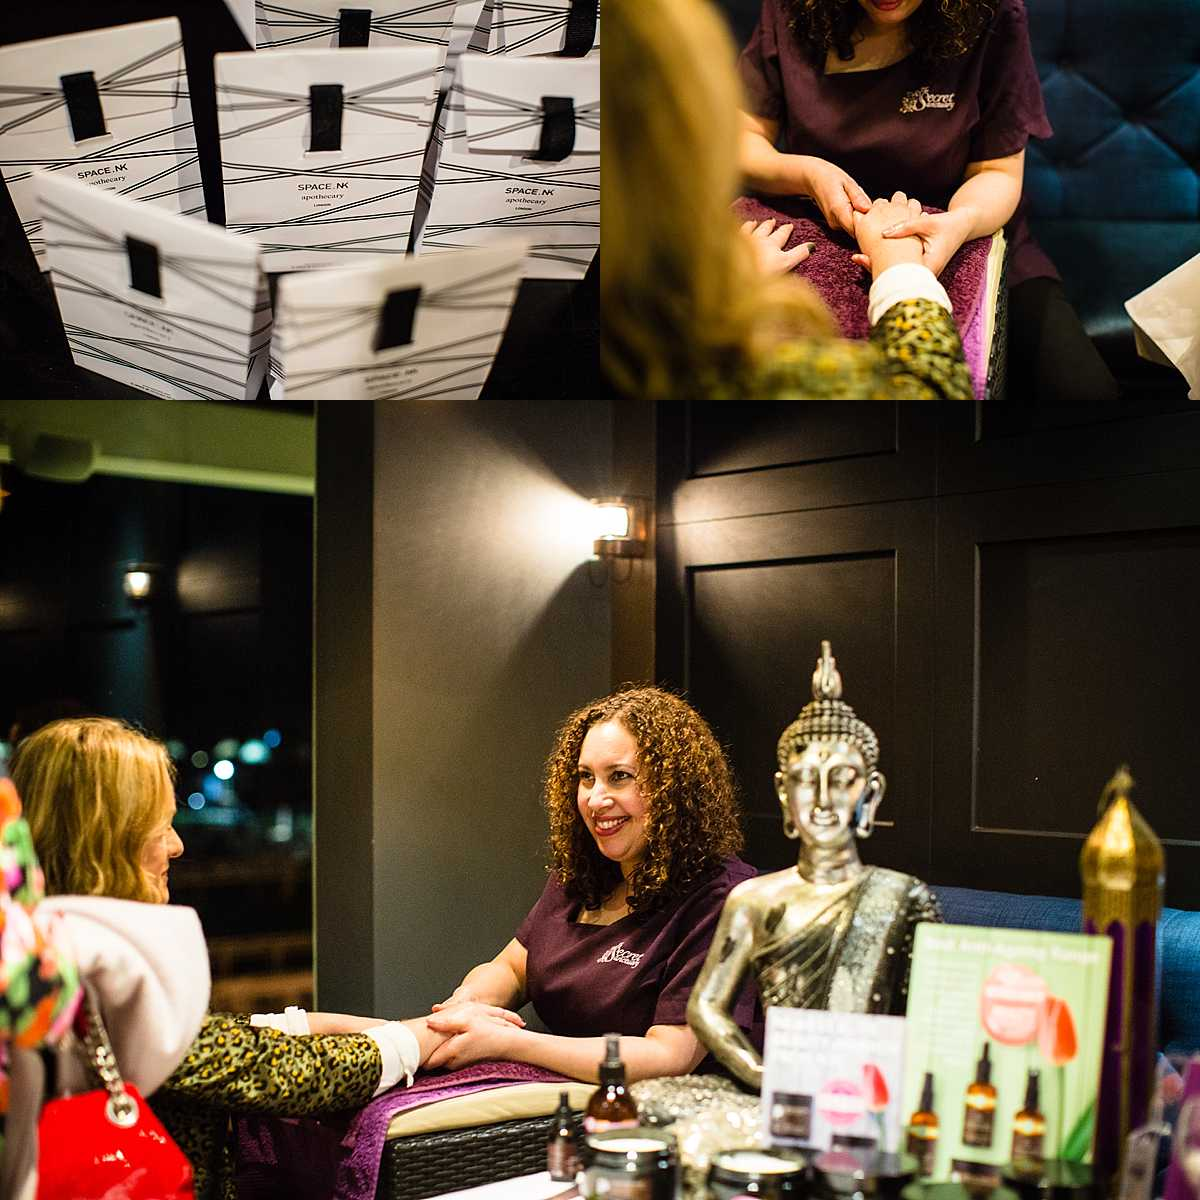 secret sanctuary business owner giving a client hand massage